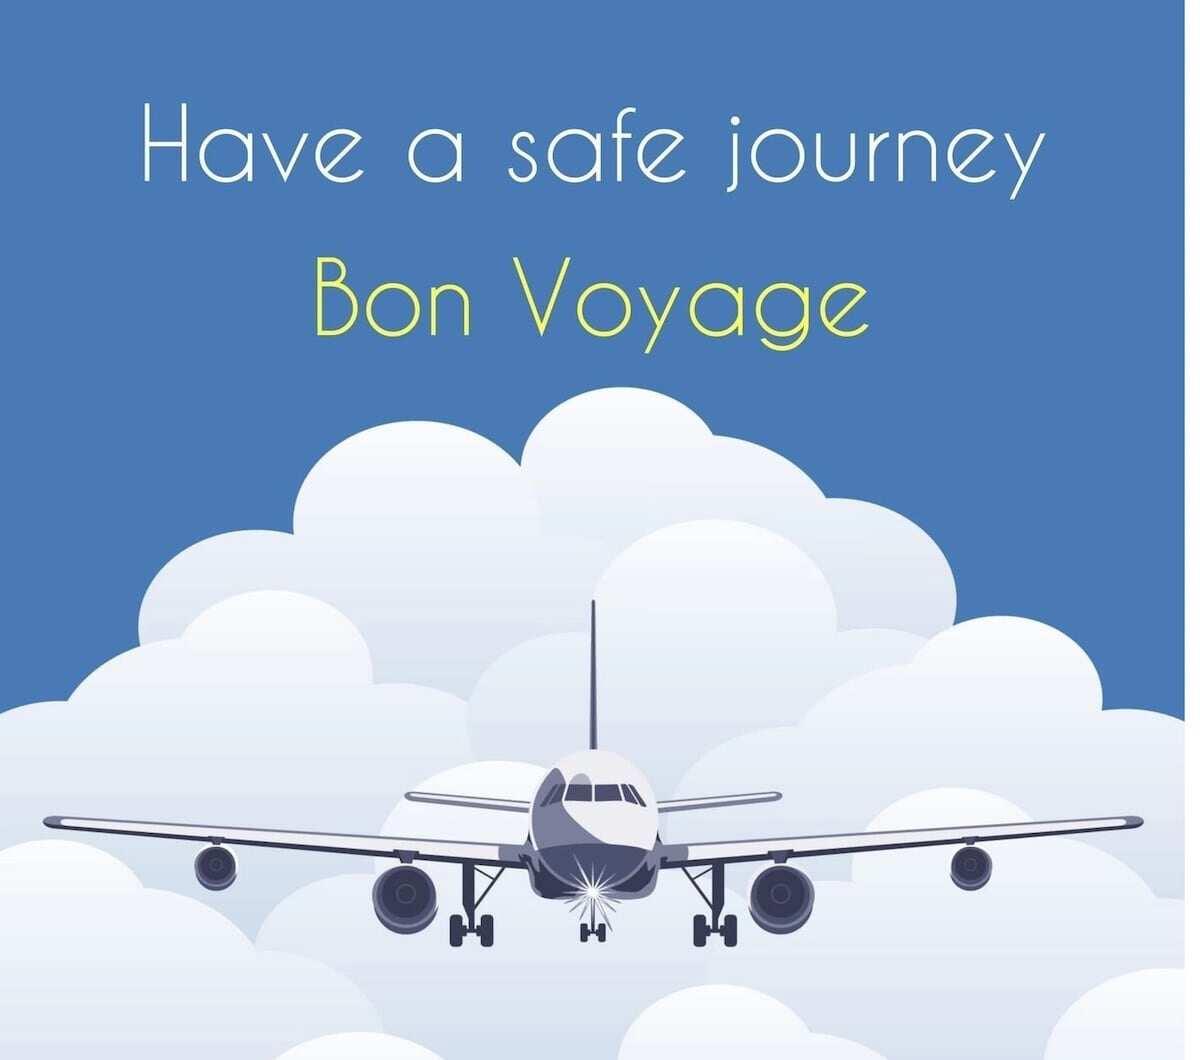 have a safe journey, have a safe flight message, safe travels message